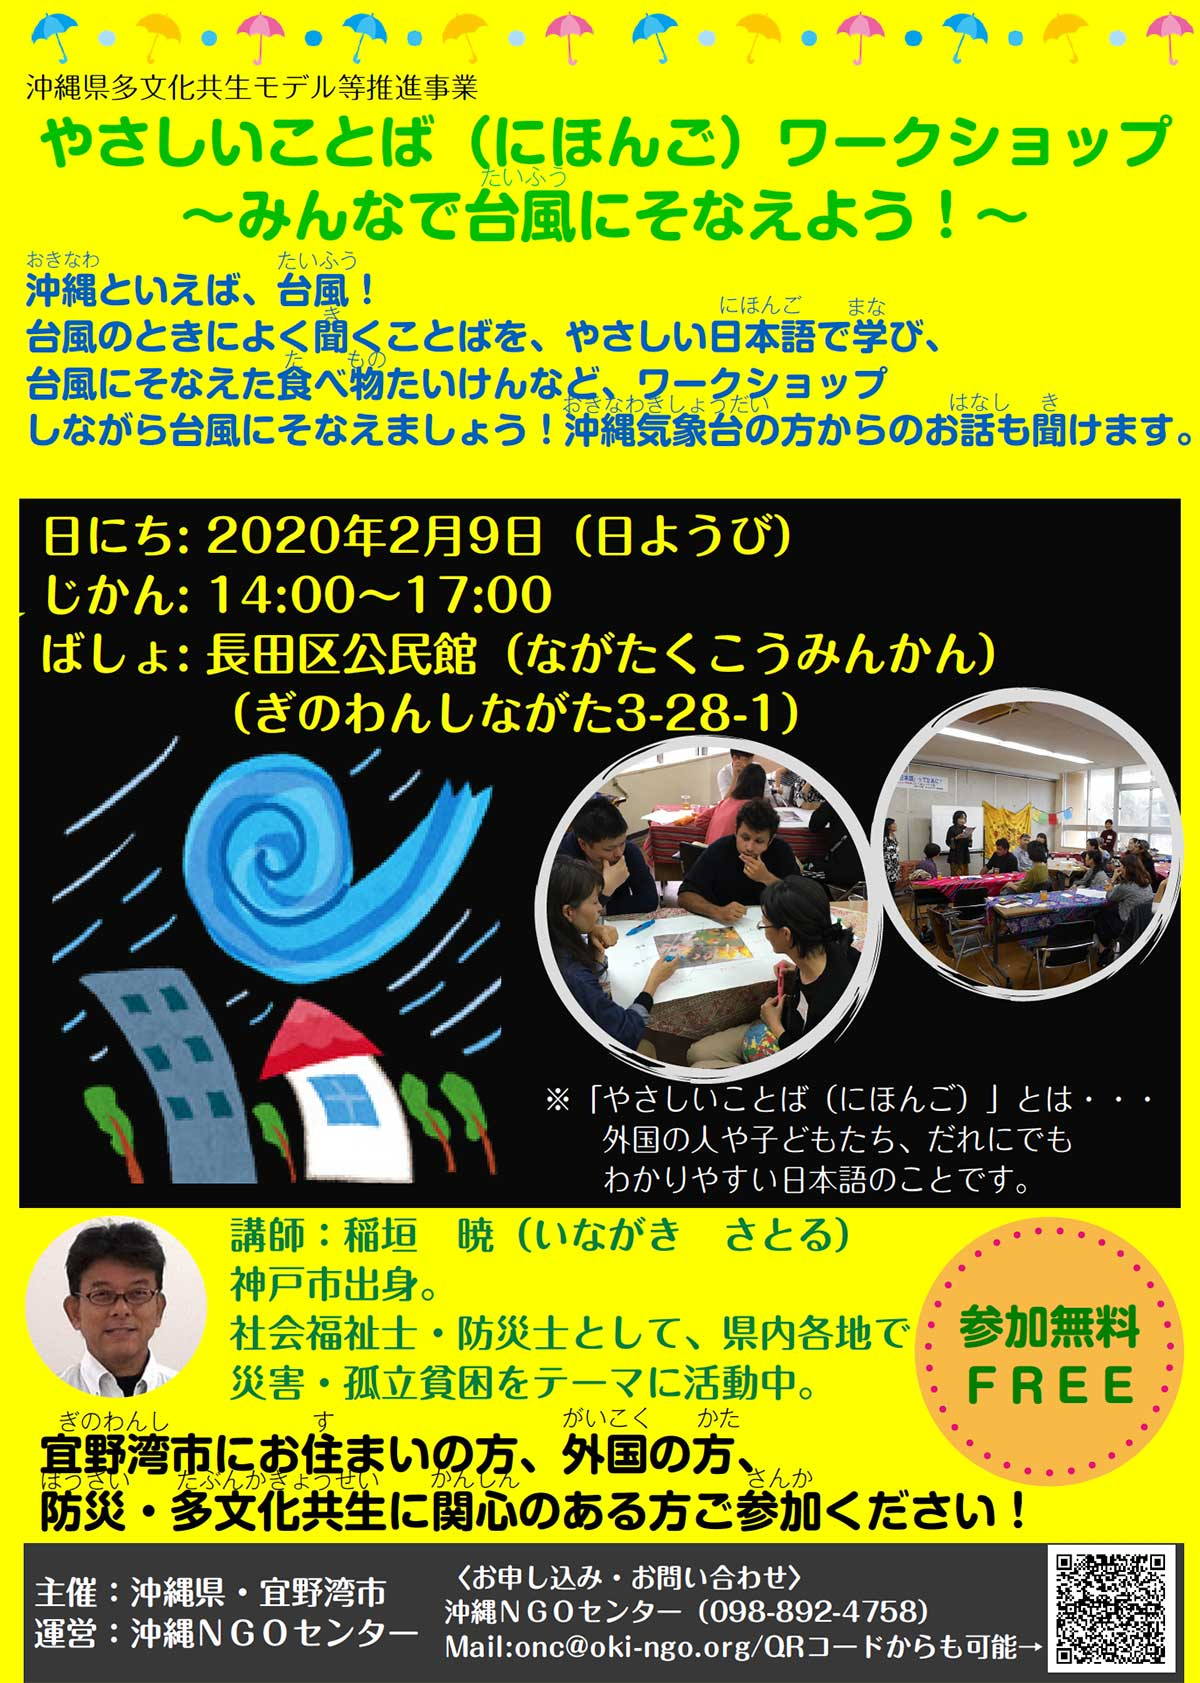 台風 2020 沖縄